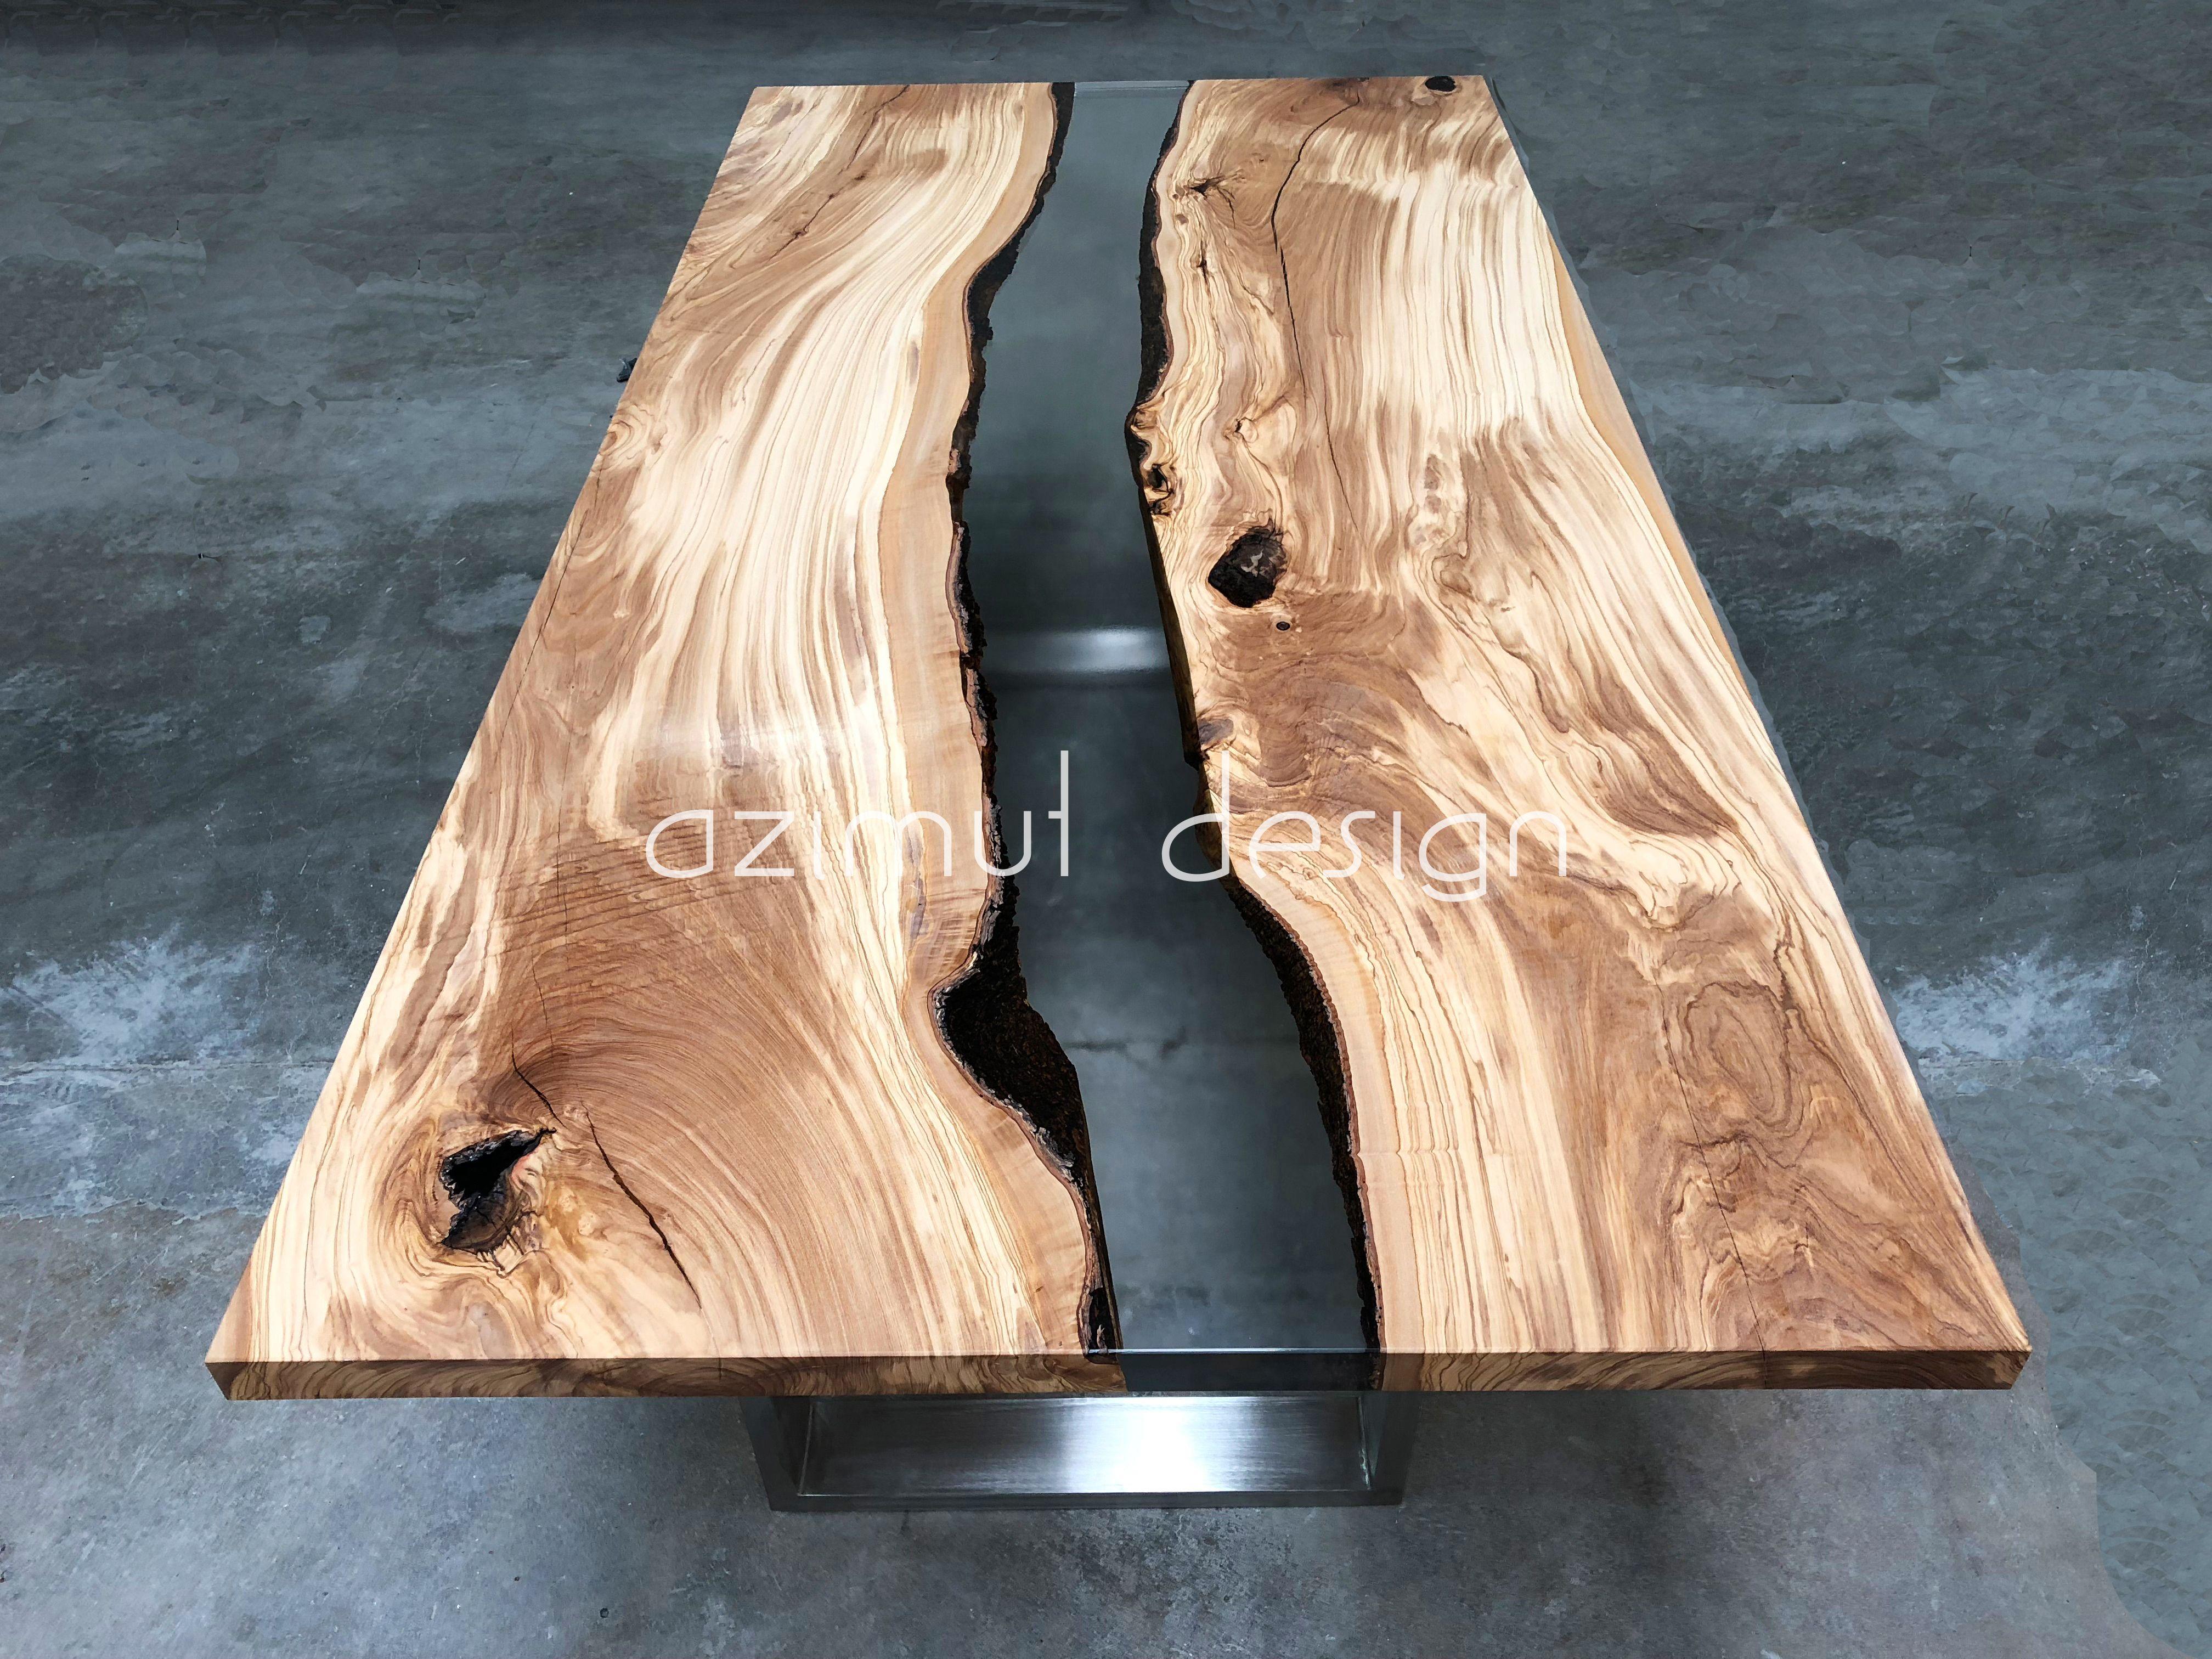 Tavolo Legno E Resina Prezzo design elements for interiors: custom solutions | tavolo